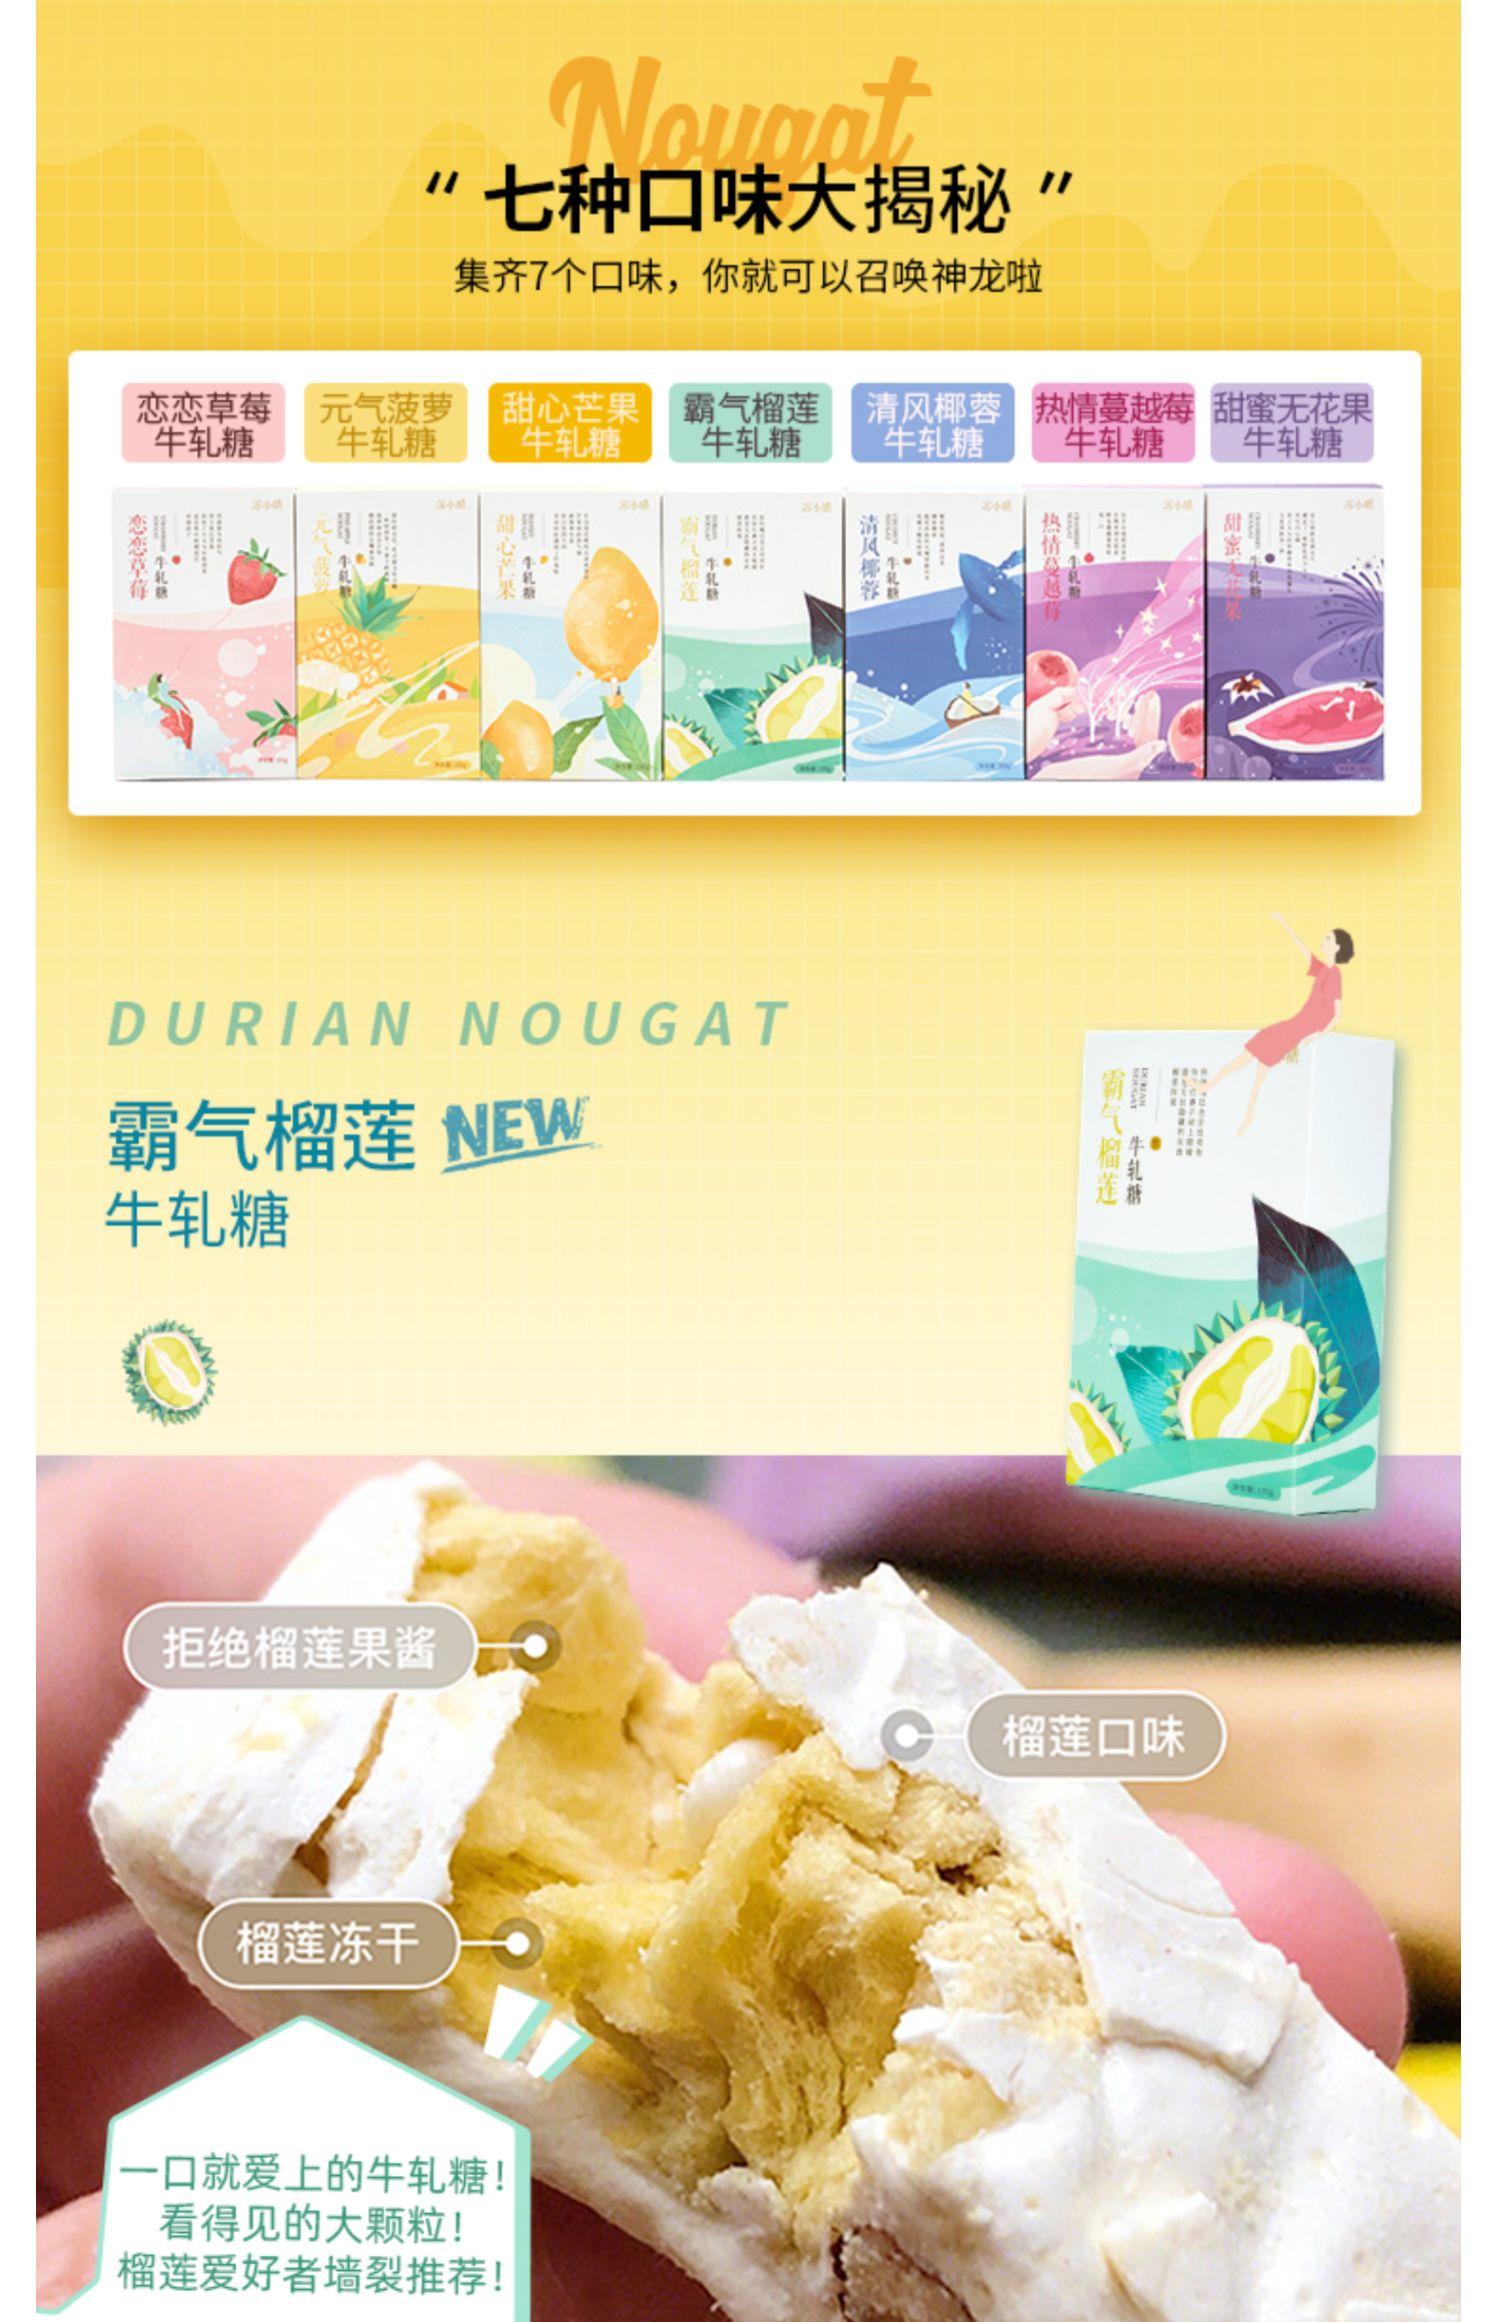 【薇娅推荐】苏小糖网红牛轧糖140g*2